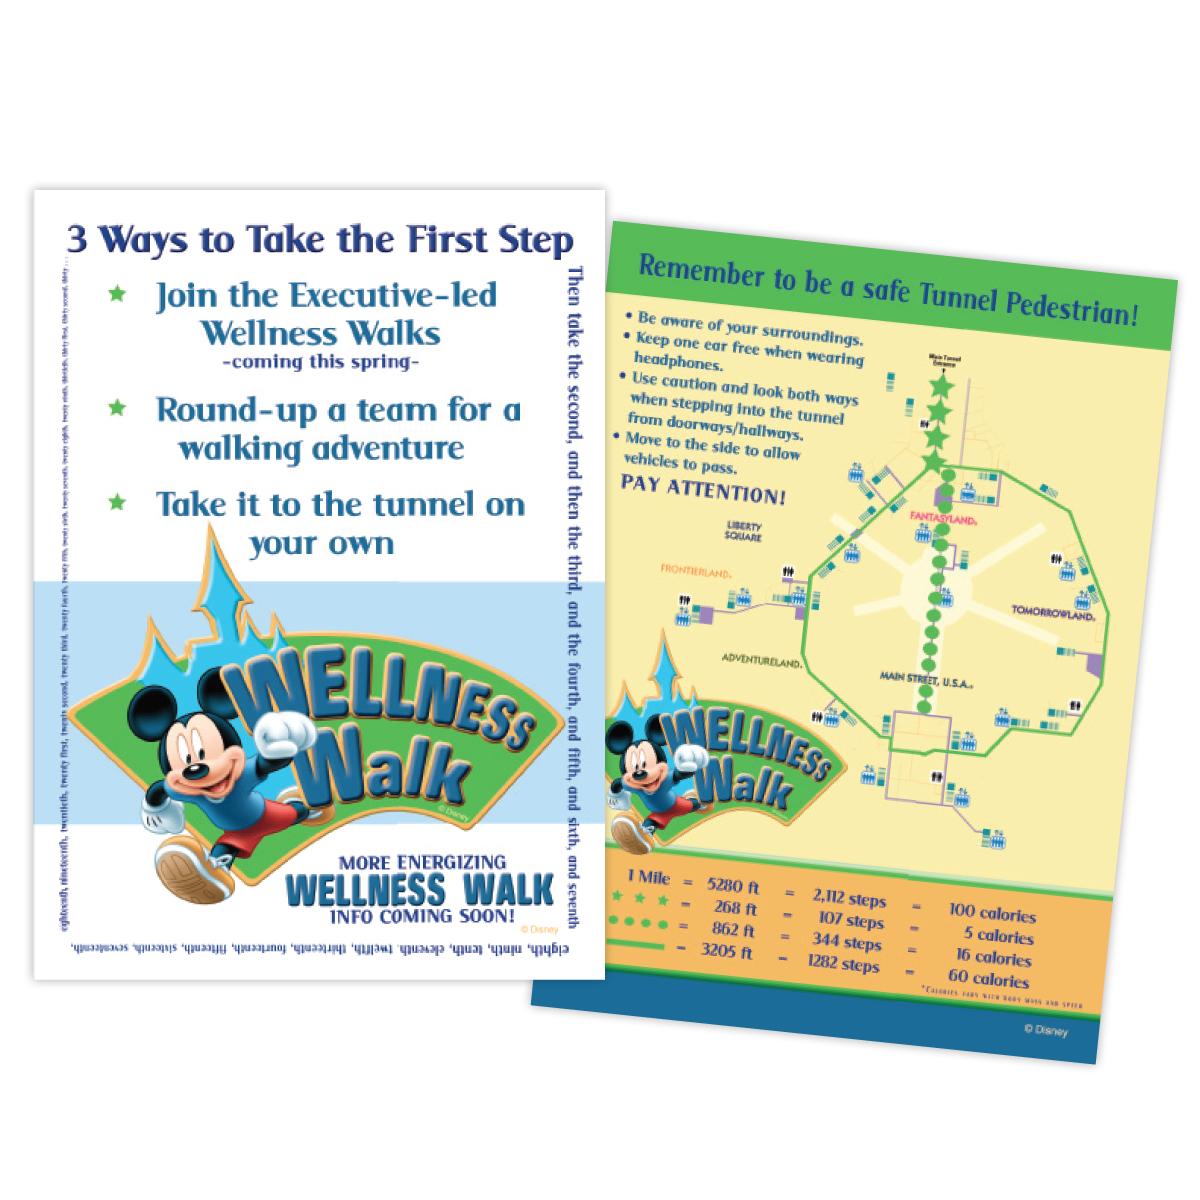 Wellness-Walk1.png